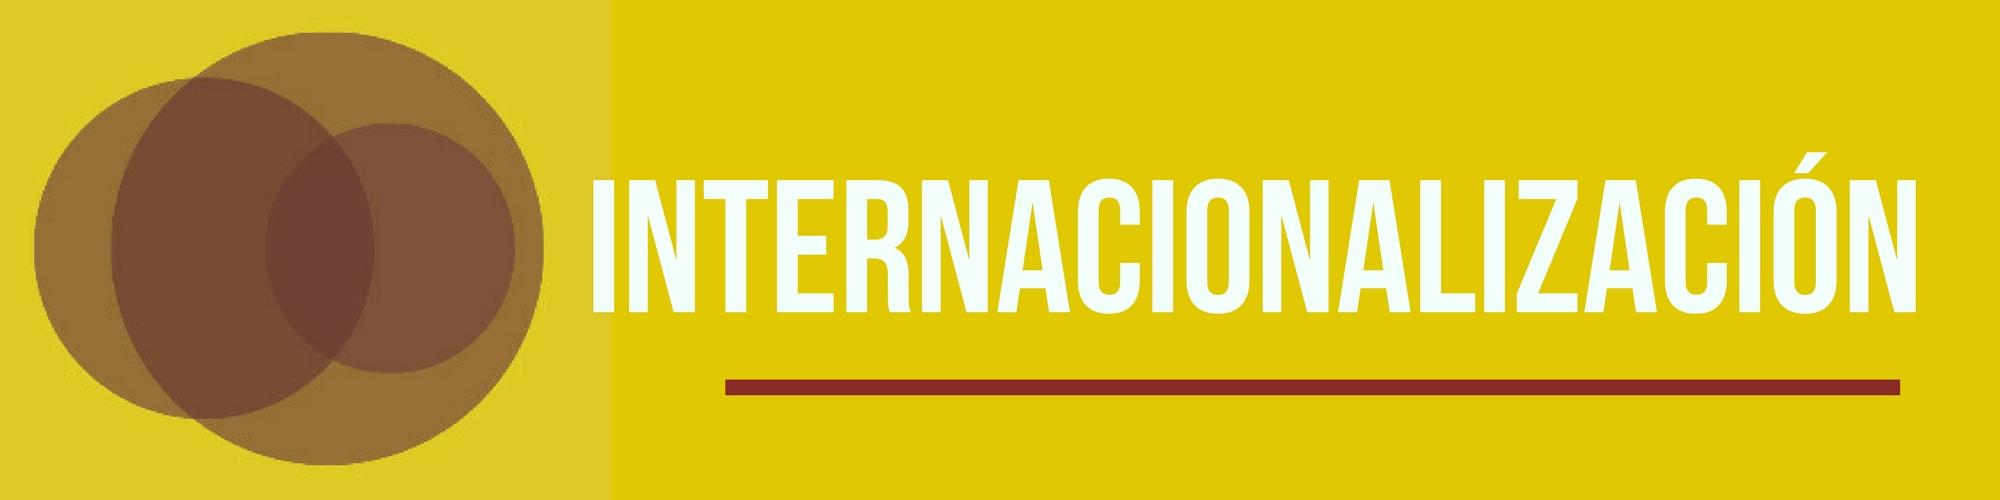 Internacionalización[;;;][;;;]